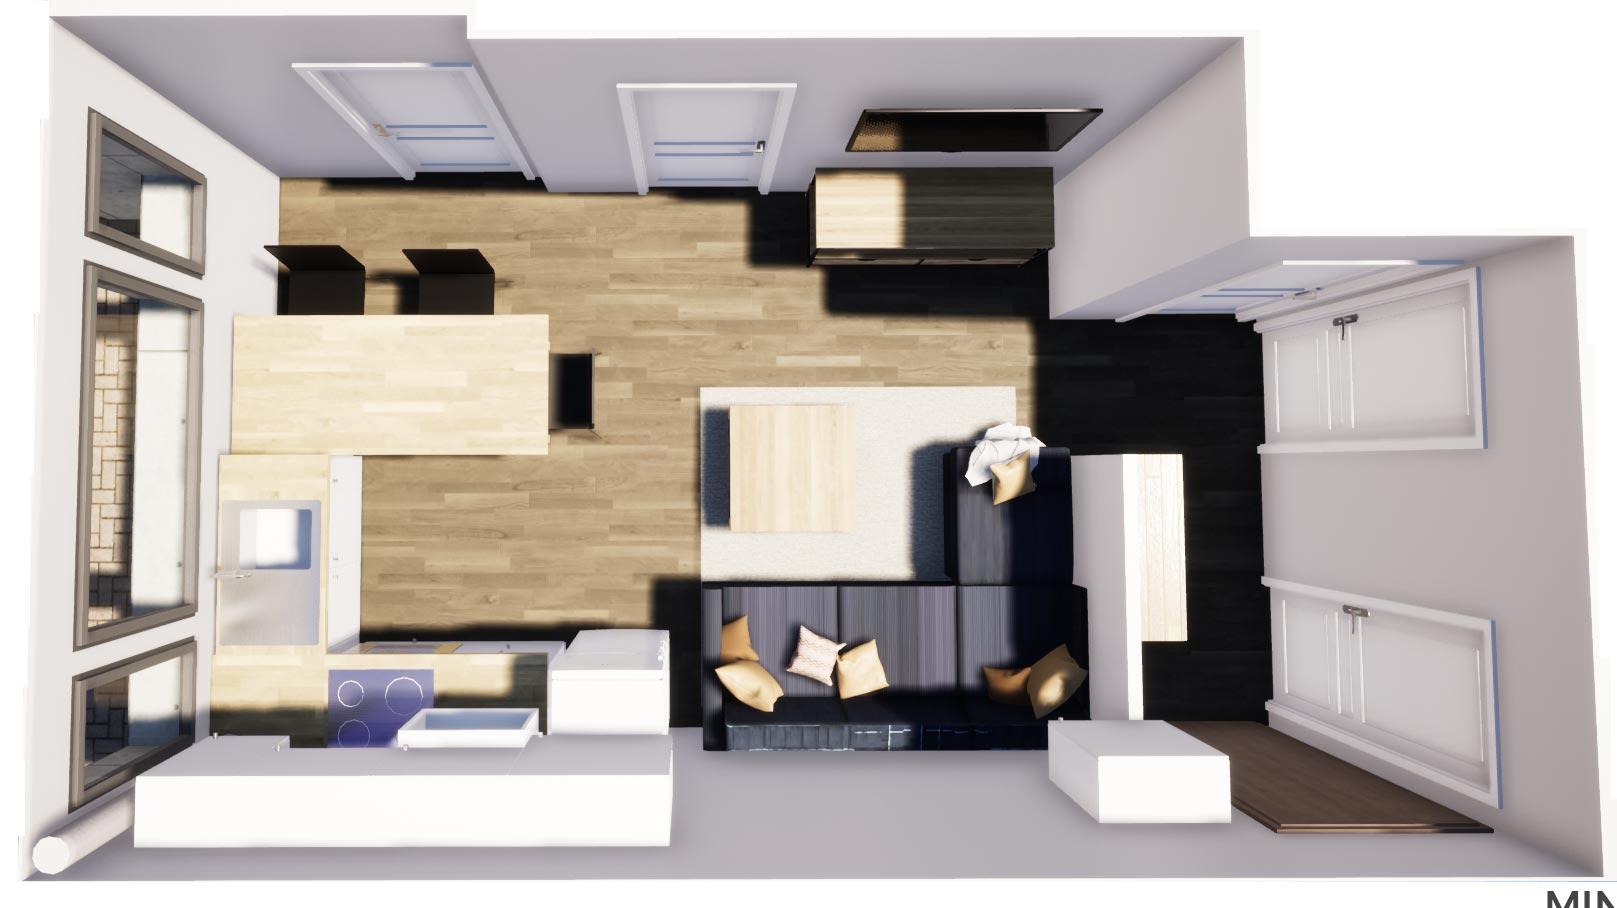 Mindae_3D_AS_Immobilier_salon_cuisine_etudiant_colocation_investisseur_amenagement_interieur_caen_projet_A-(1)